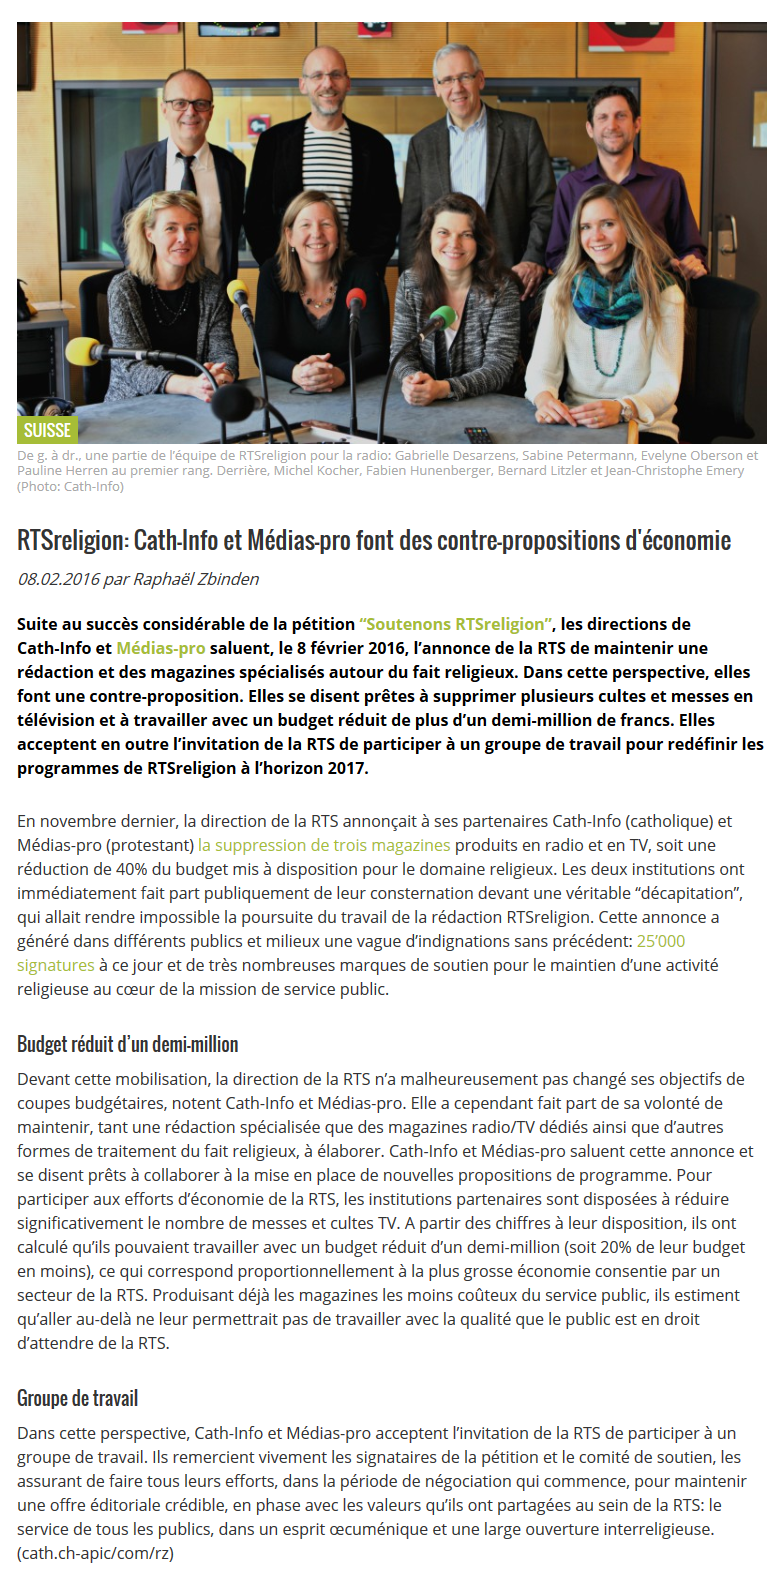 2016-02-08 RTSreligion_ Cath-Info et Médias-pro font des contre-propositions d'économie (cath.ch)